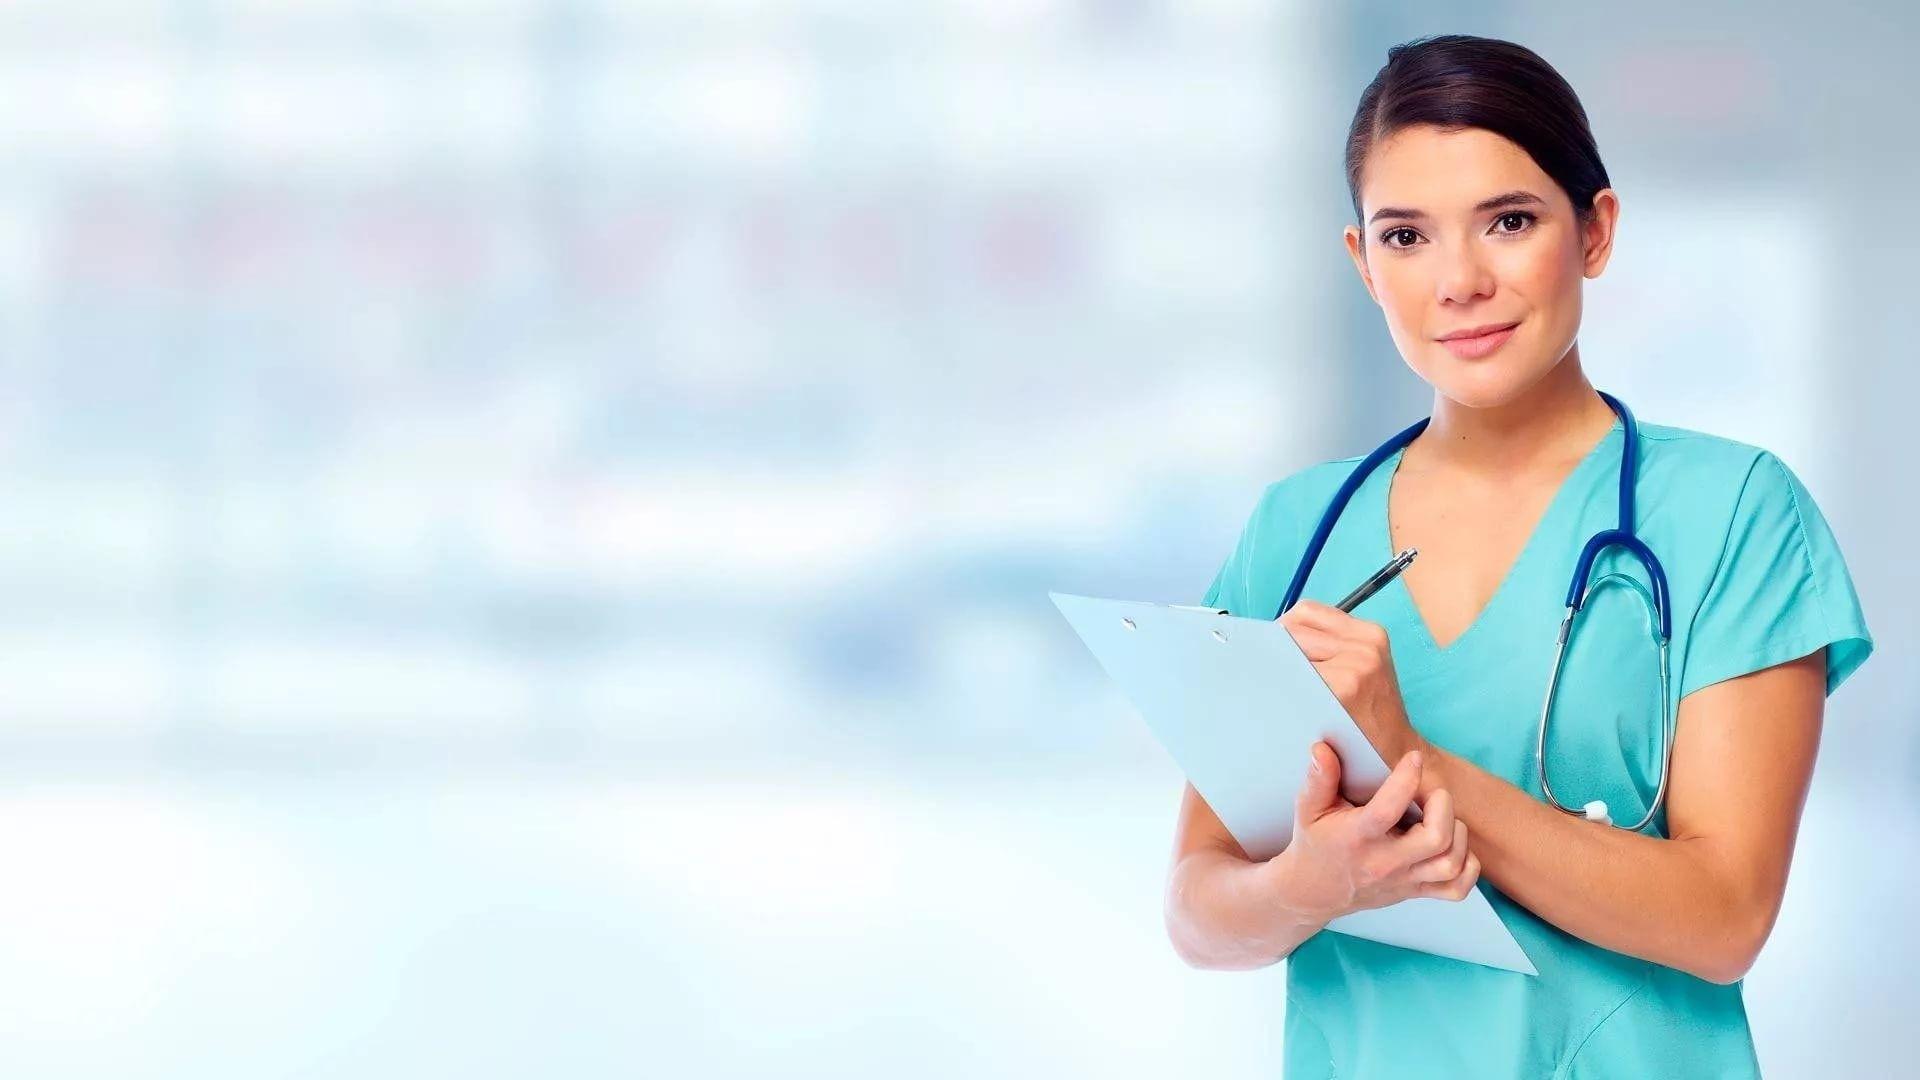 Health Desktop Wallpaper